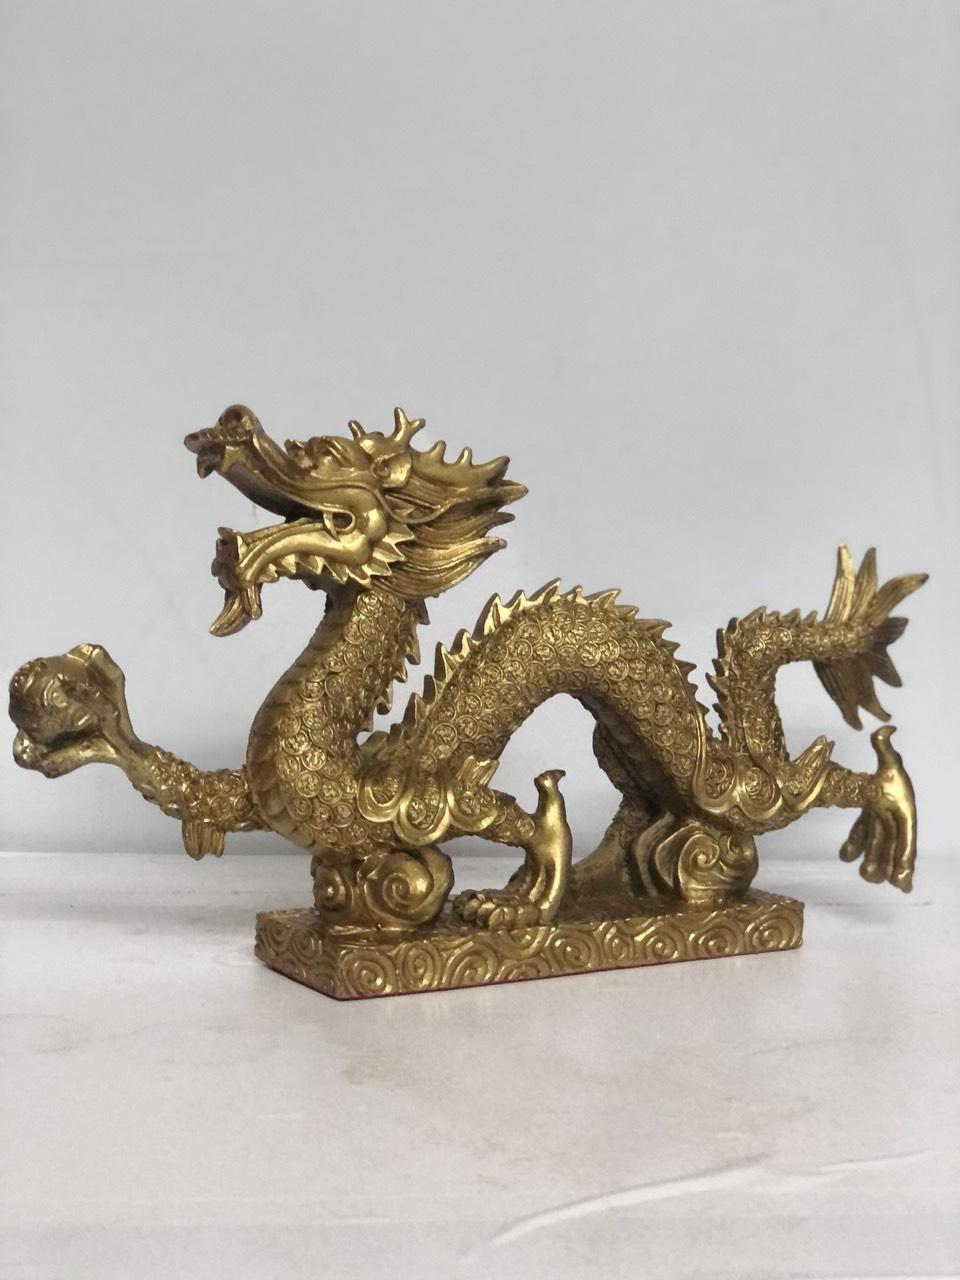 Tượng rồng nhả ngọc bằng đồng đúc nguyên chất